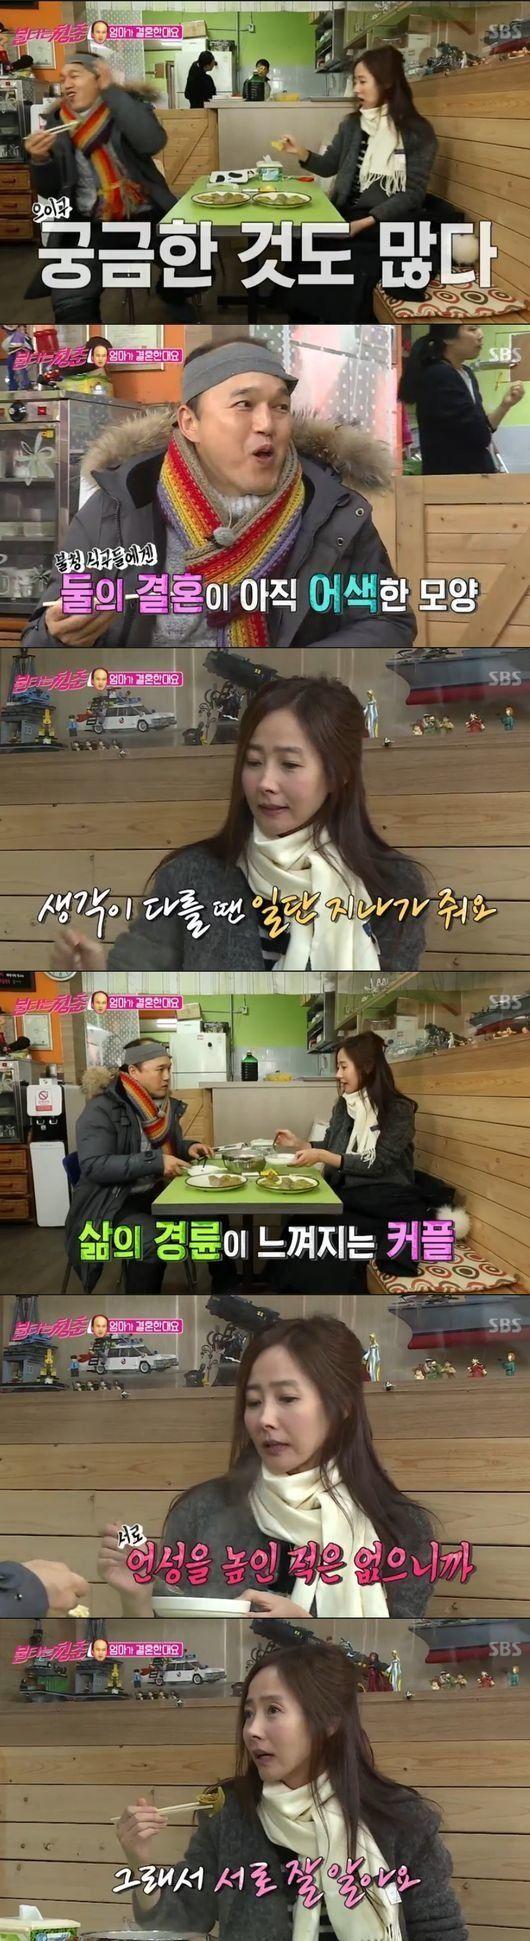 [어저께TV] '불청' 김국진♥강수지, 노련미 넘치는 싸움의